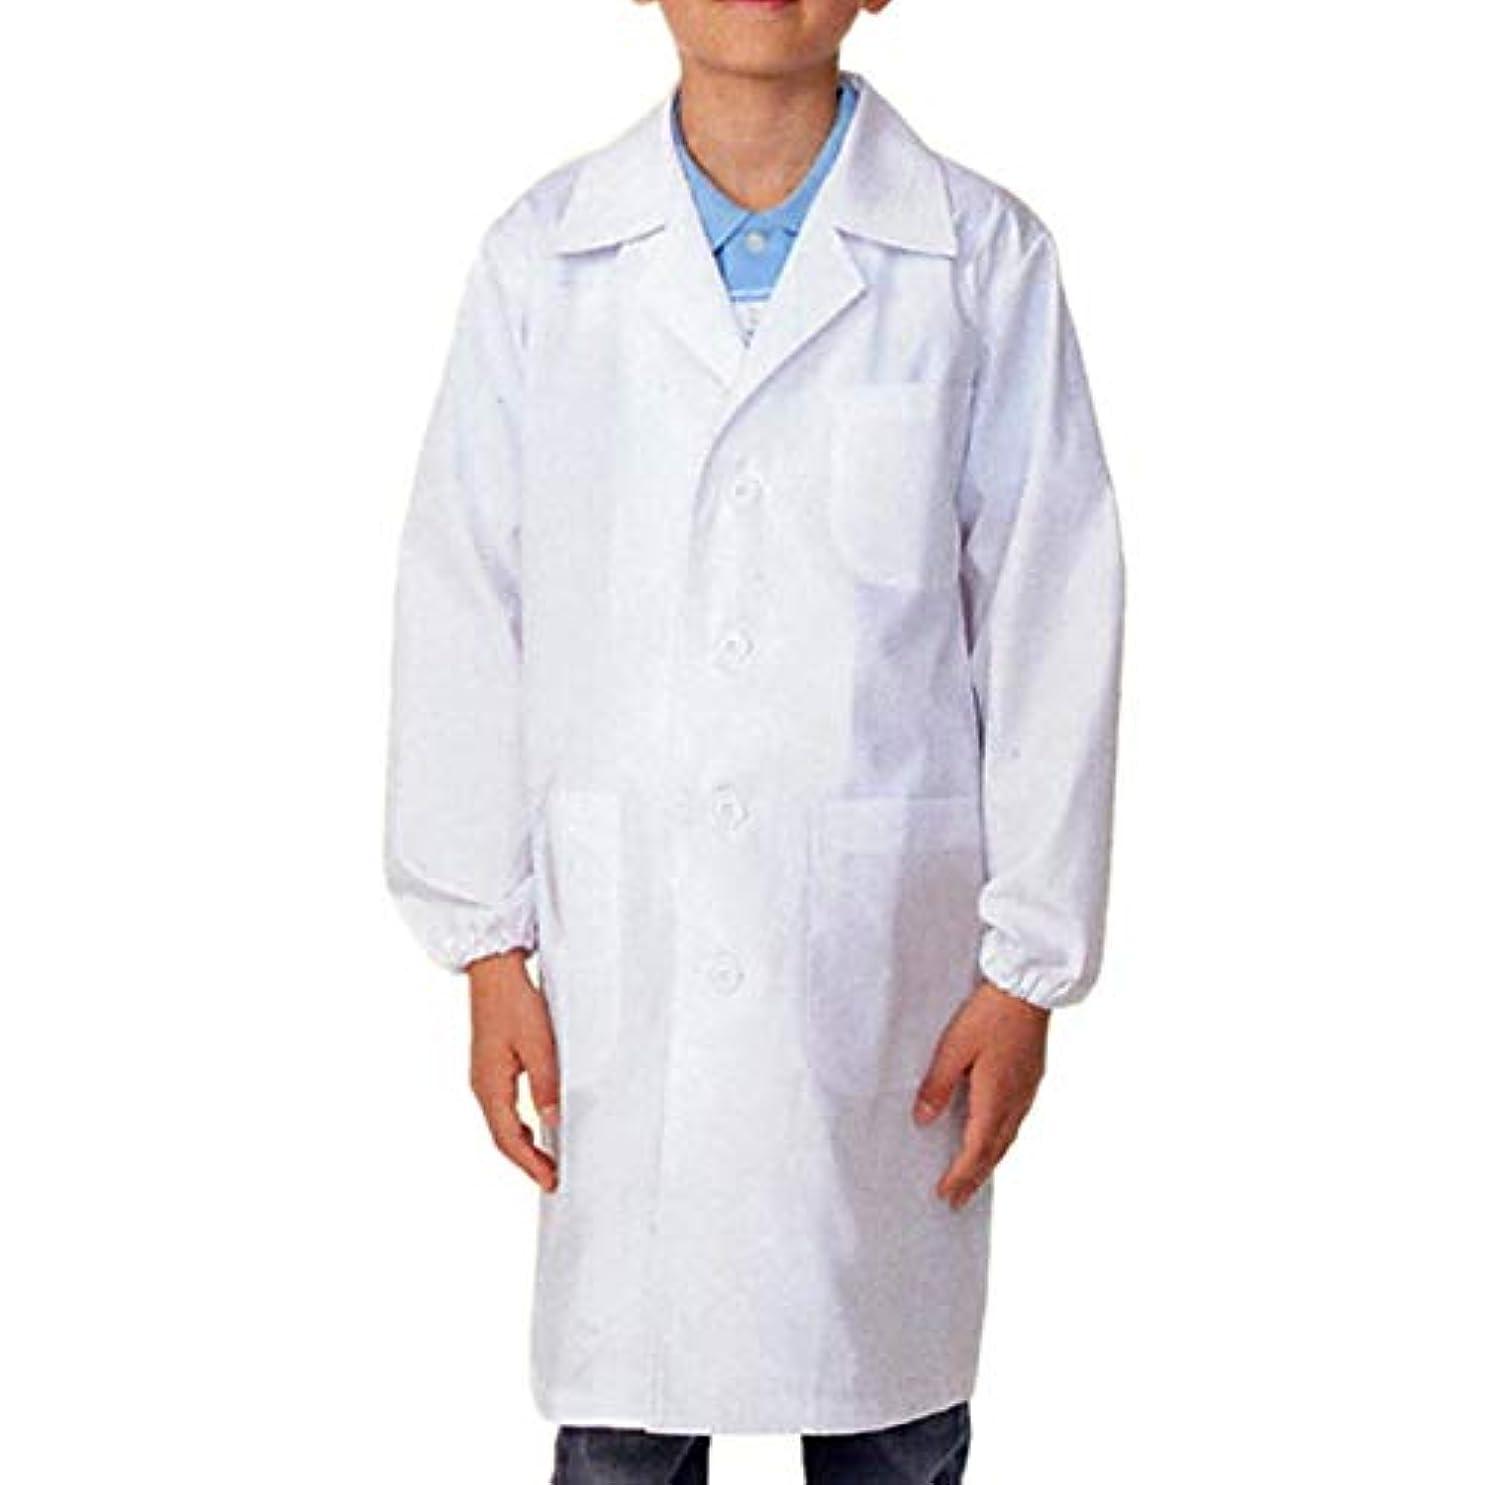 リングレットスラダム縁白衣 児童 子供 小学生用 シングル 診察衣 実験衣 医療白衣 OP-121